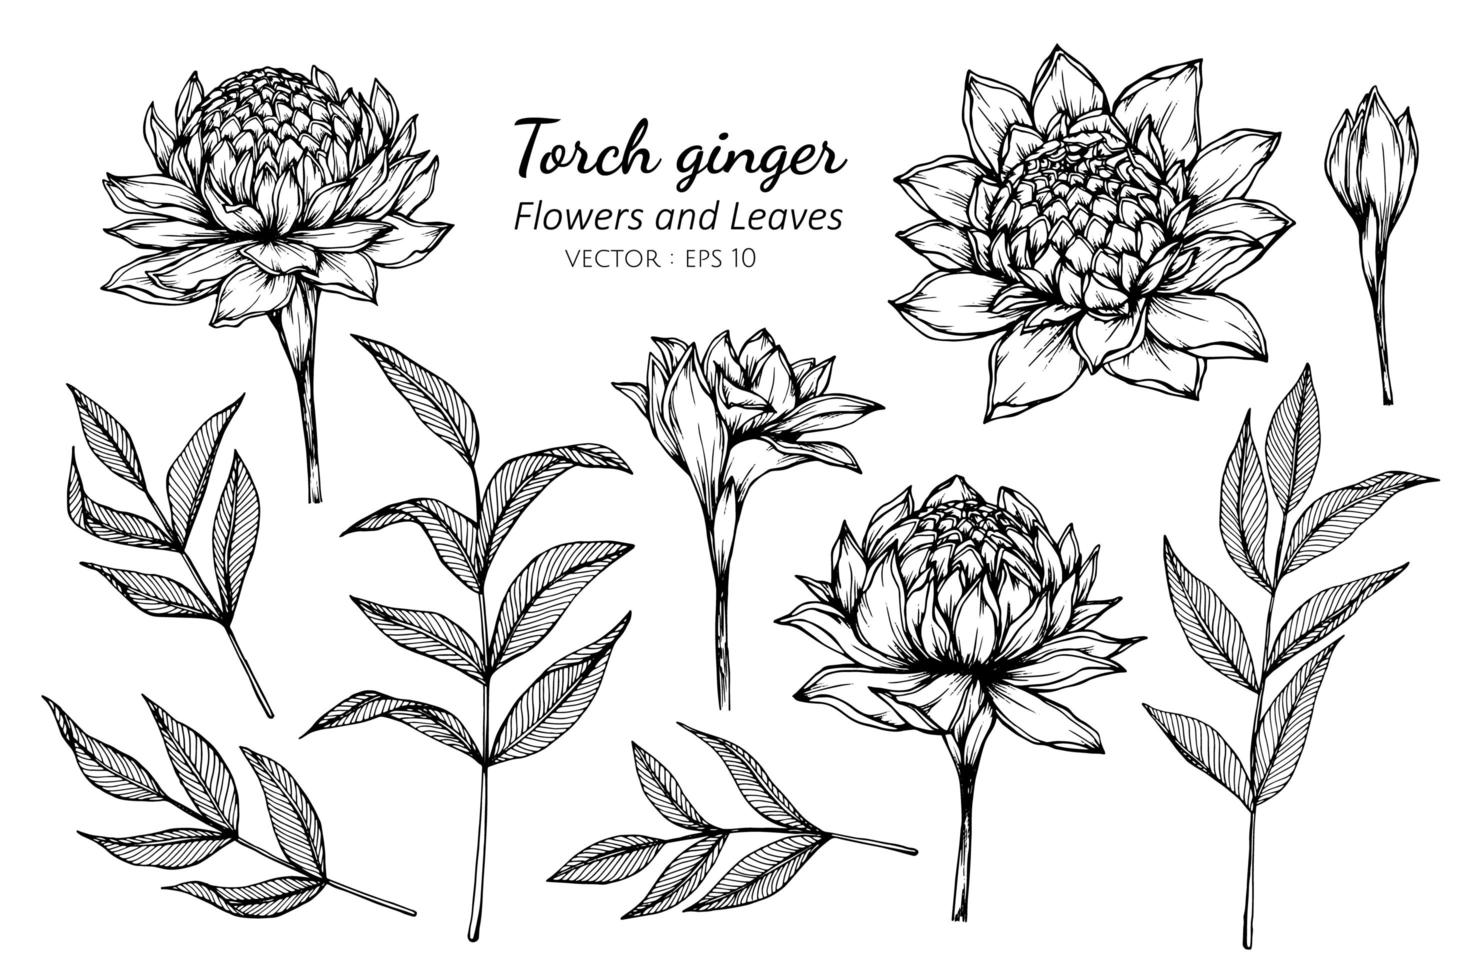 collection de fleurs et de feuilles de gingembre torche vecteur